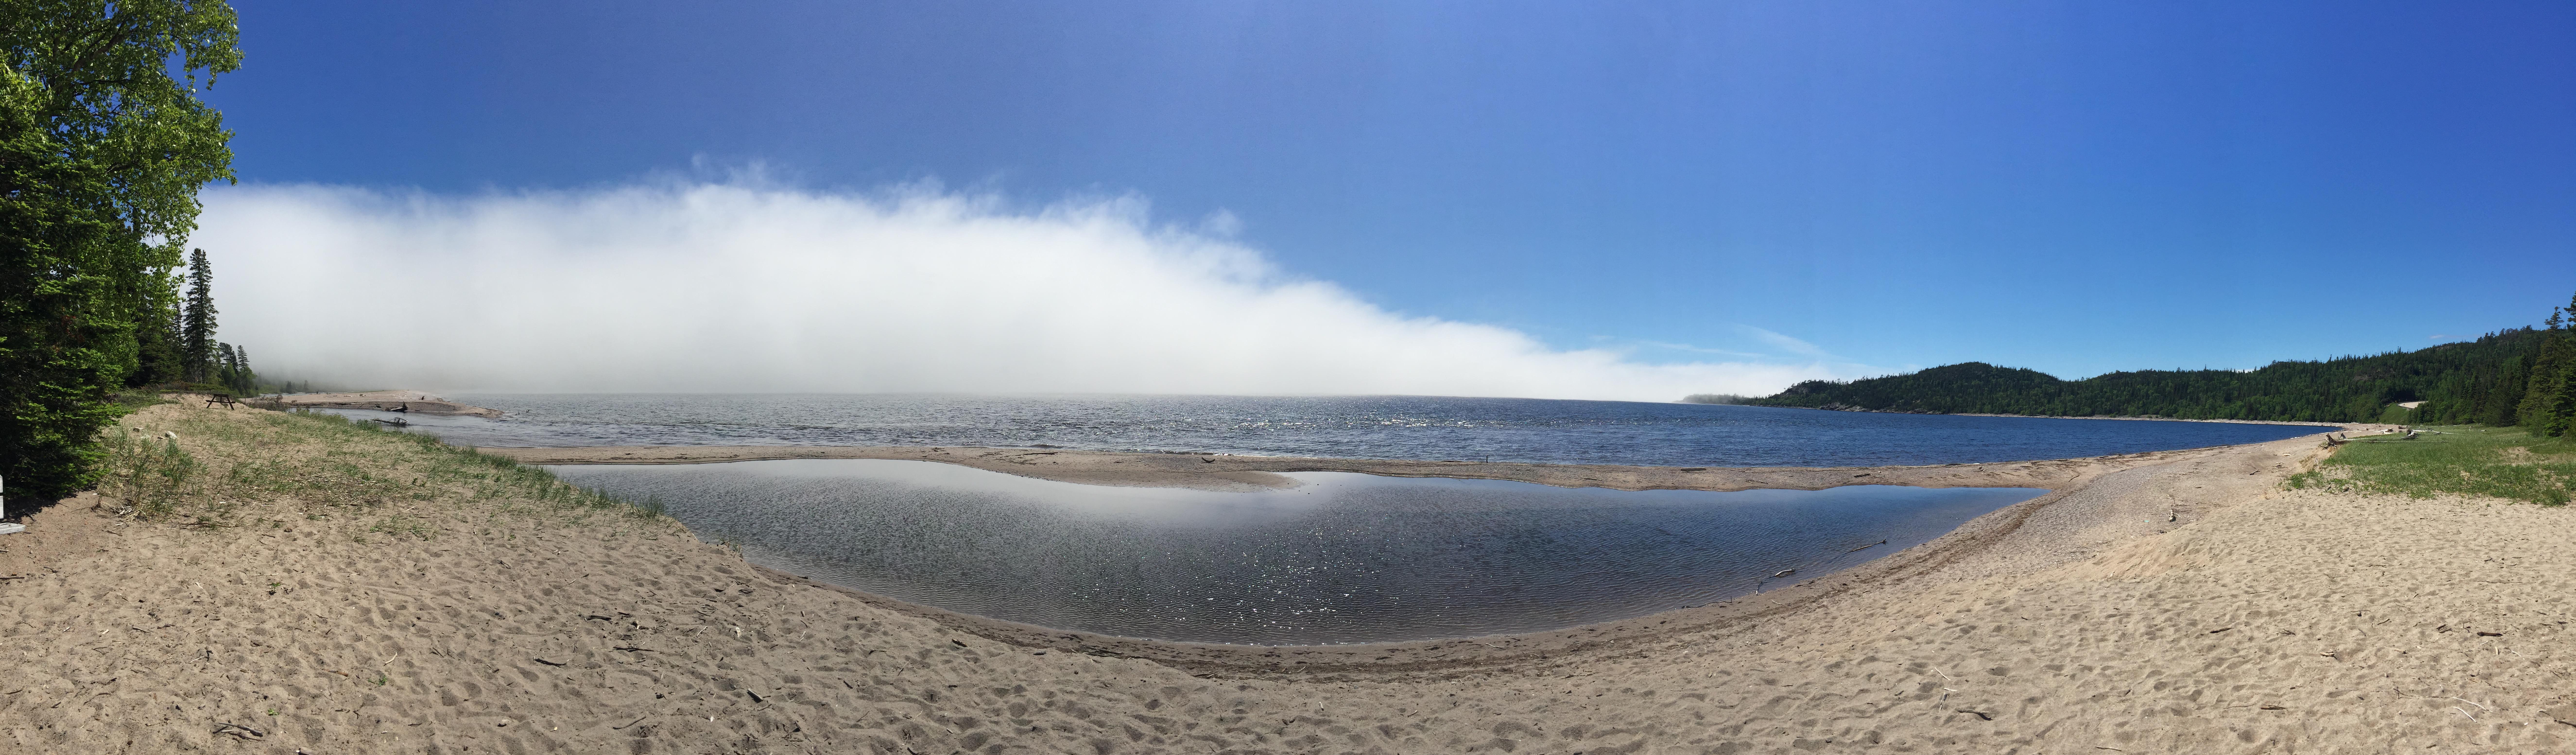 Panorama des rives avec une plage de sable.